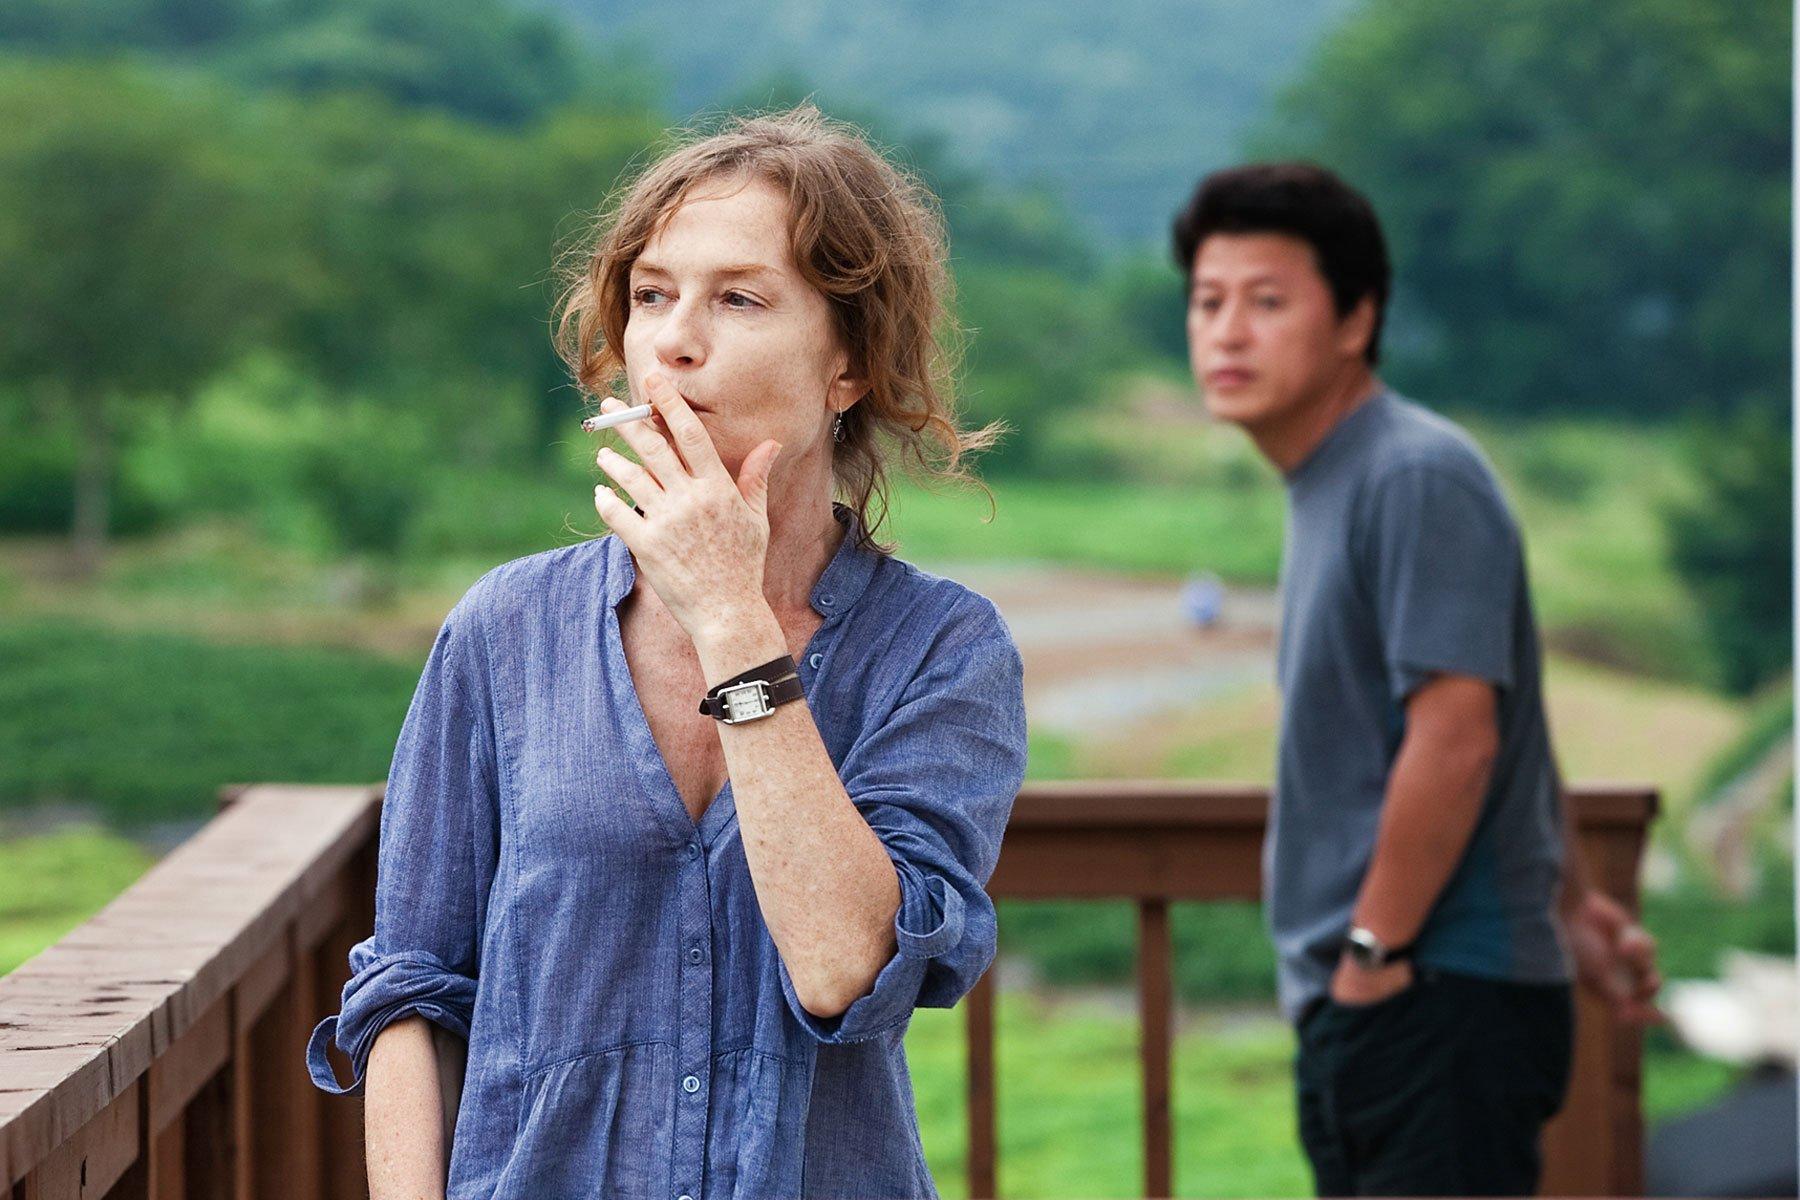 """Scène du film """"In another country"""", de Hong Sang-soo, avec Isabelle Huppert"""